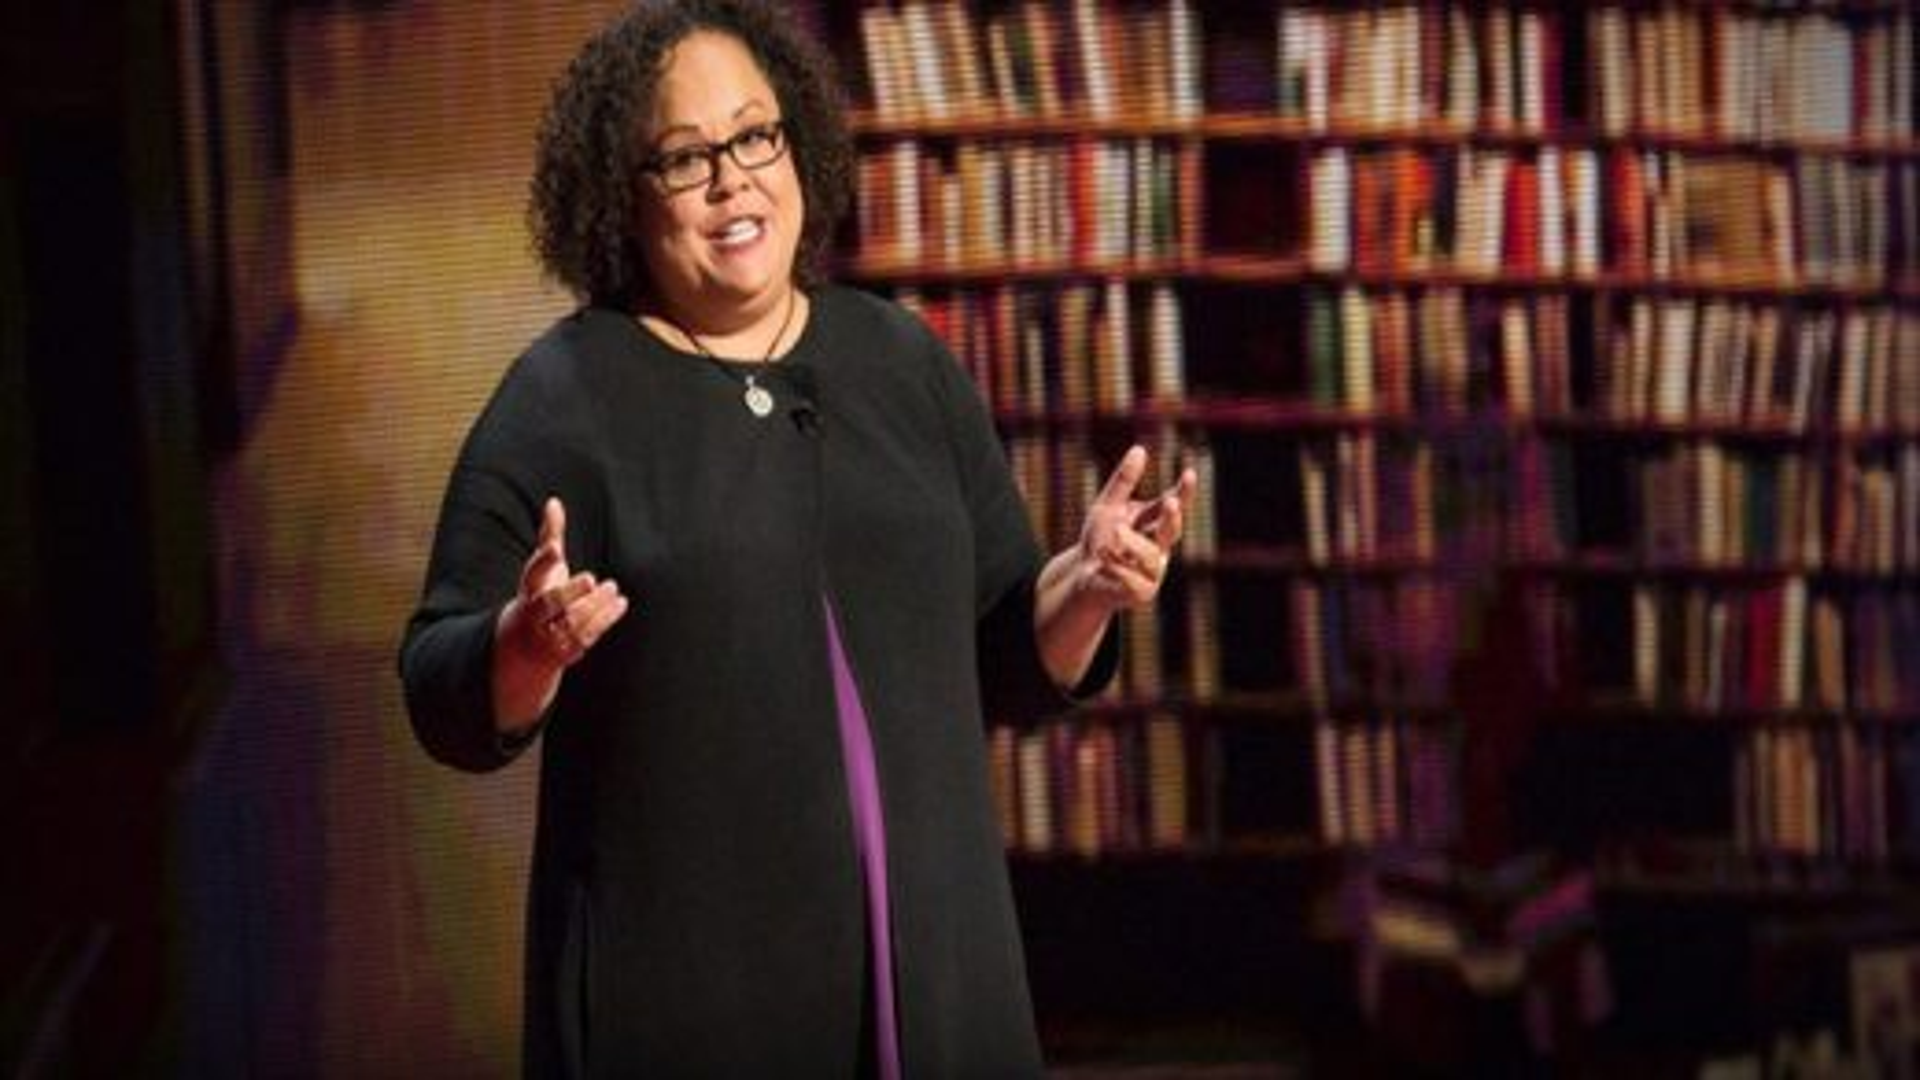 سخنرانی های تد ؛ چطور فرزندانی موفق پرورش دهیم |فیلم